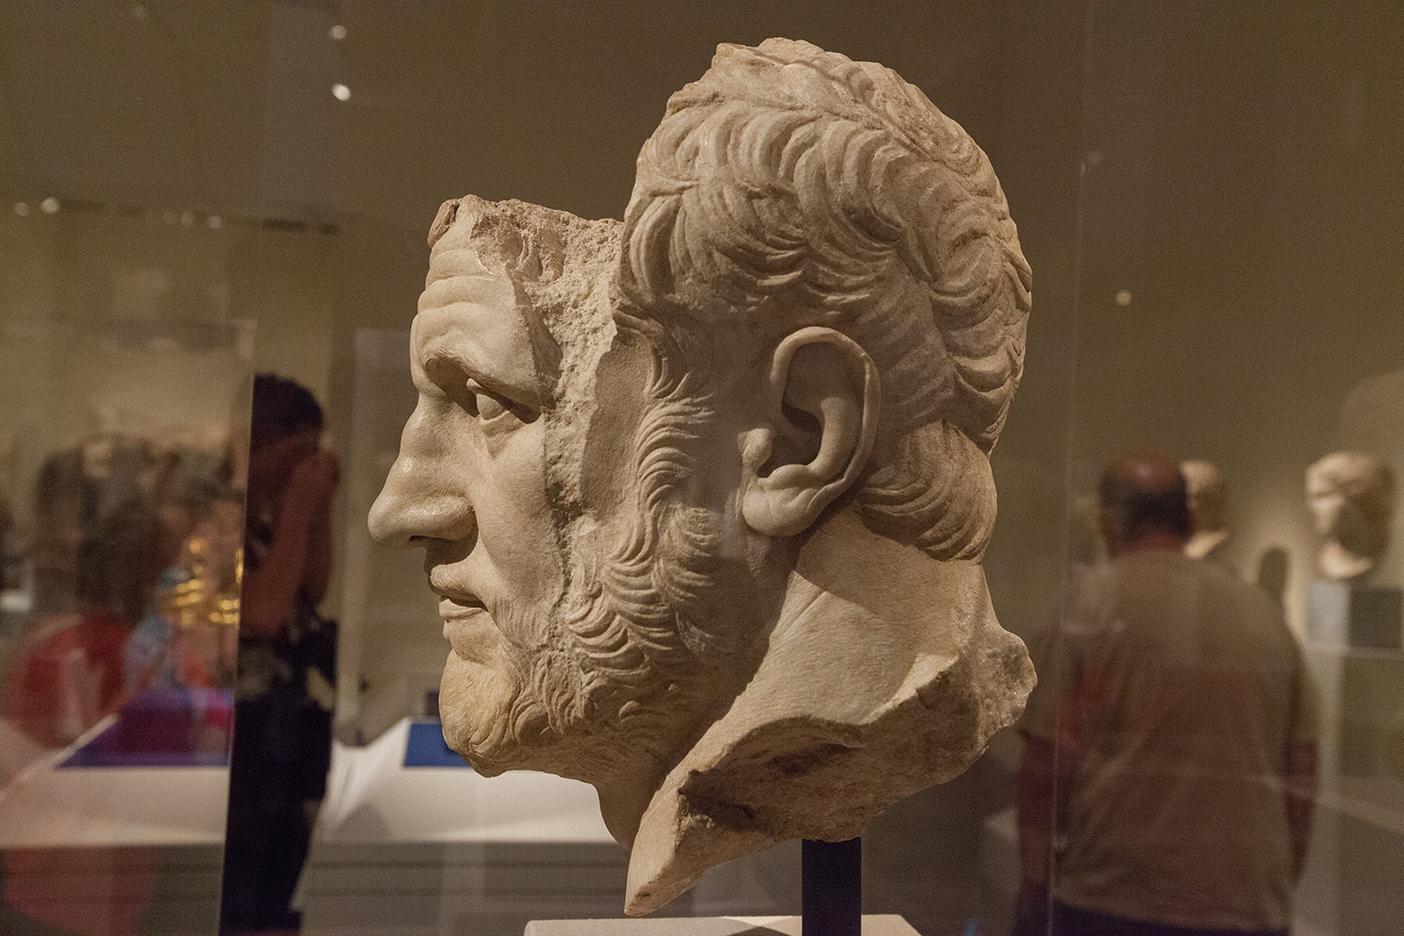 mirena-rhee-pergamon-exhibit-met-museum_04.jpg